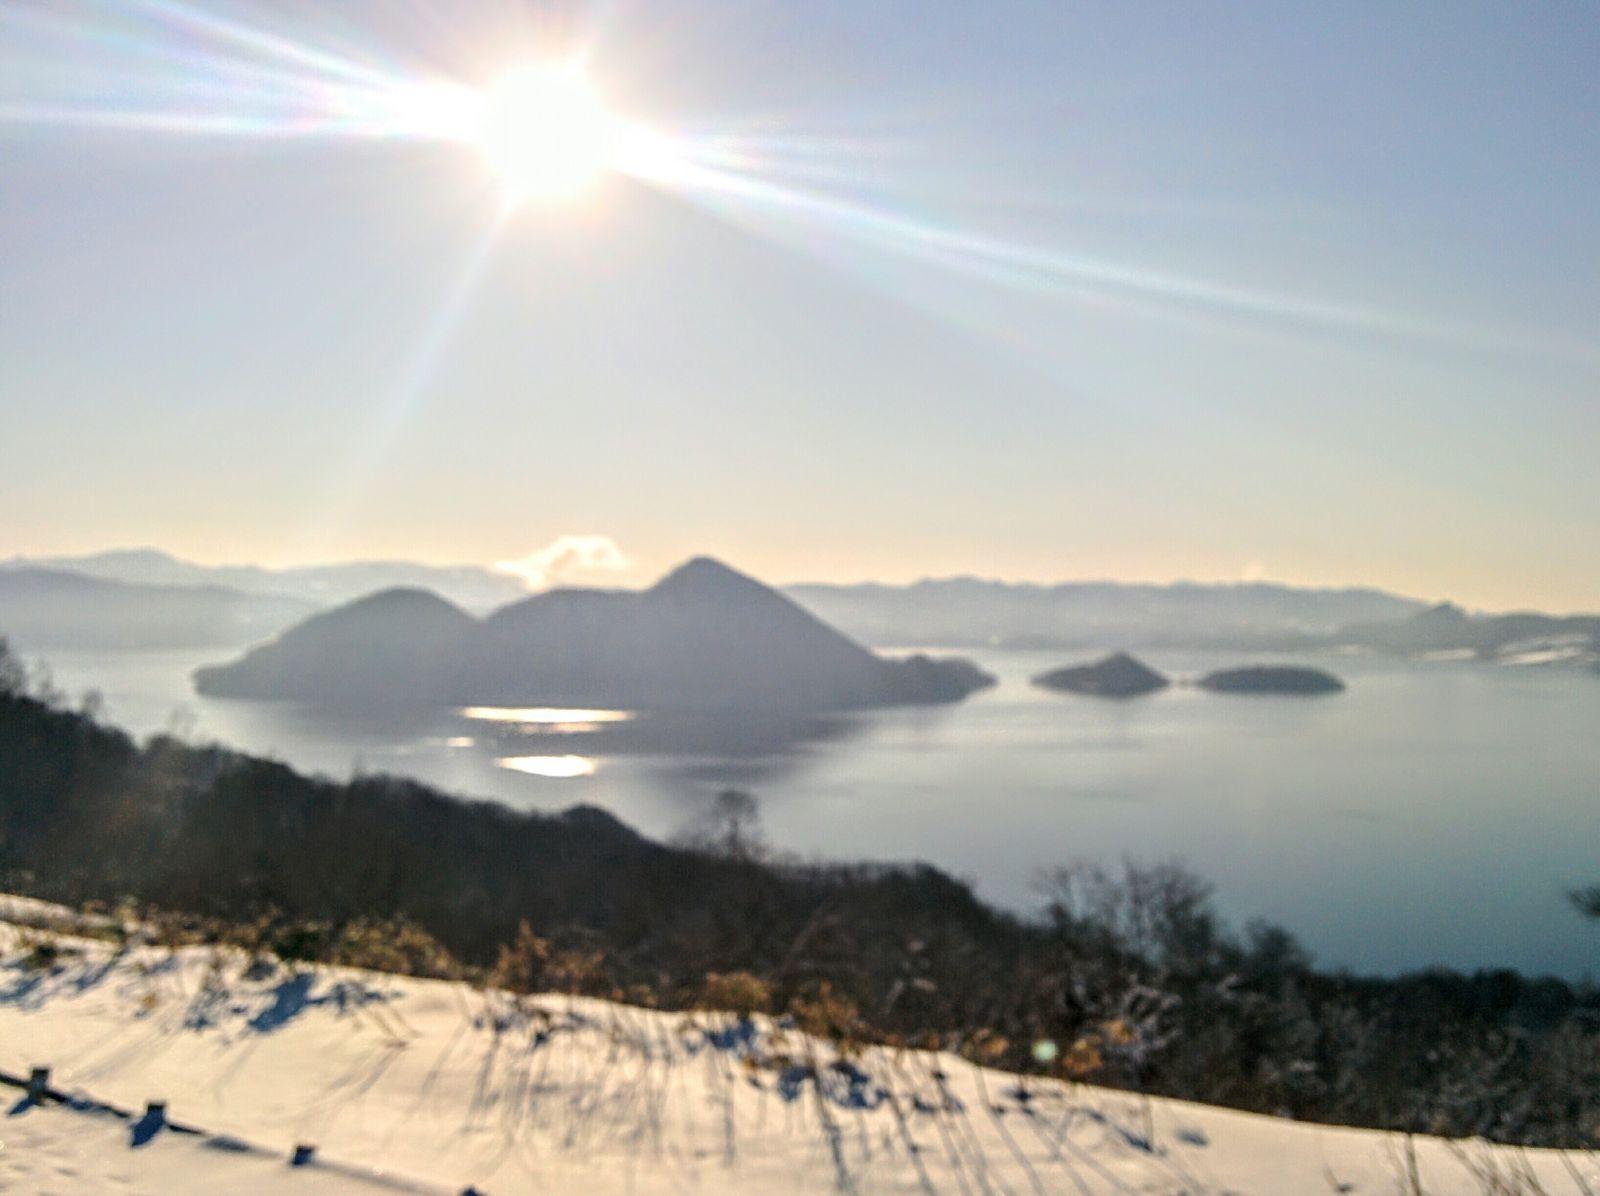 【洞爺湖温泉】冬のサイロ展望台からの洞爺湖の眺望です。